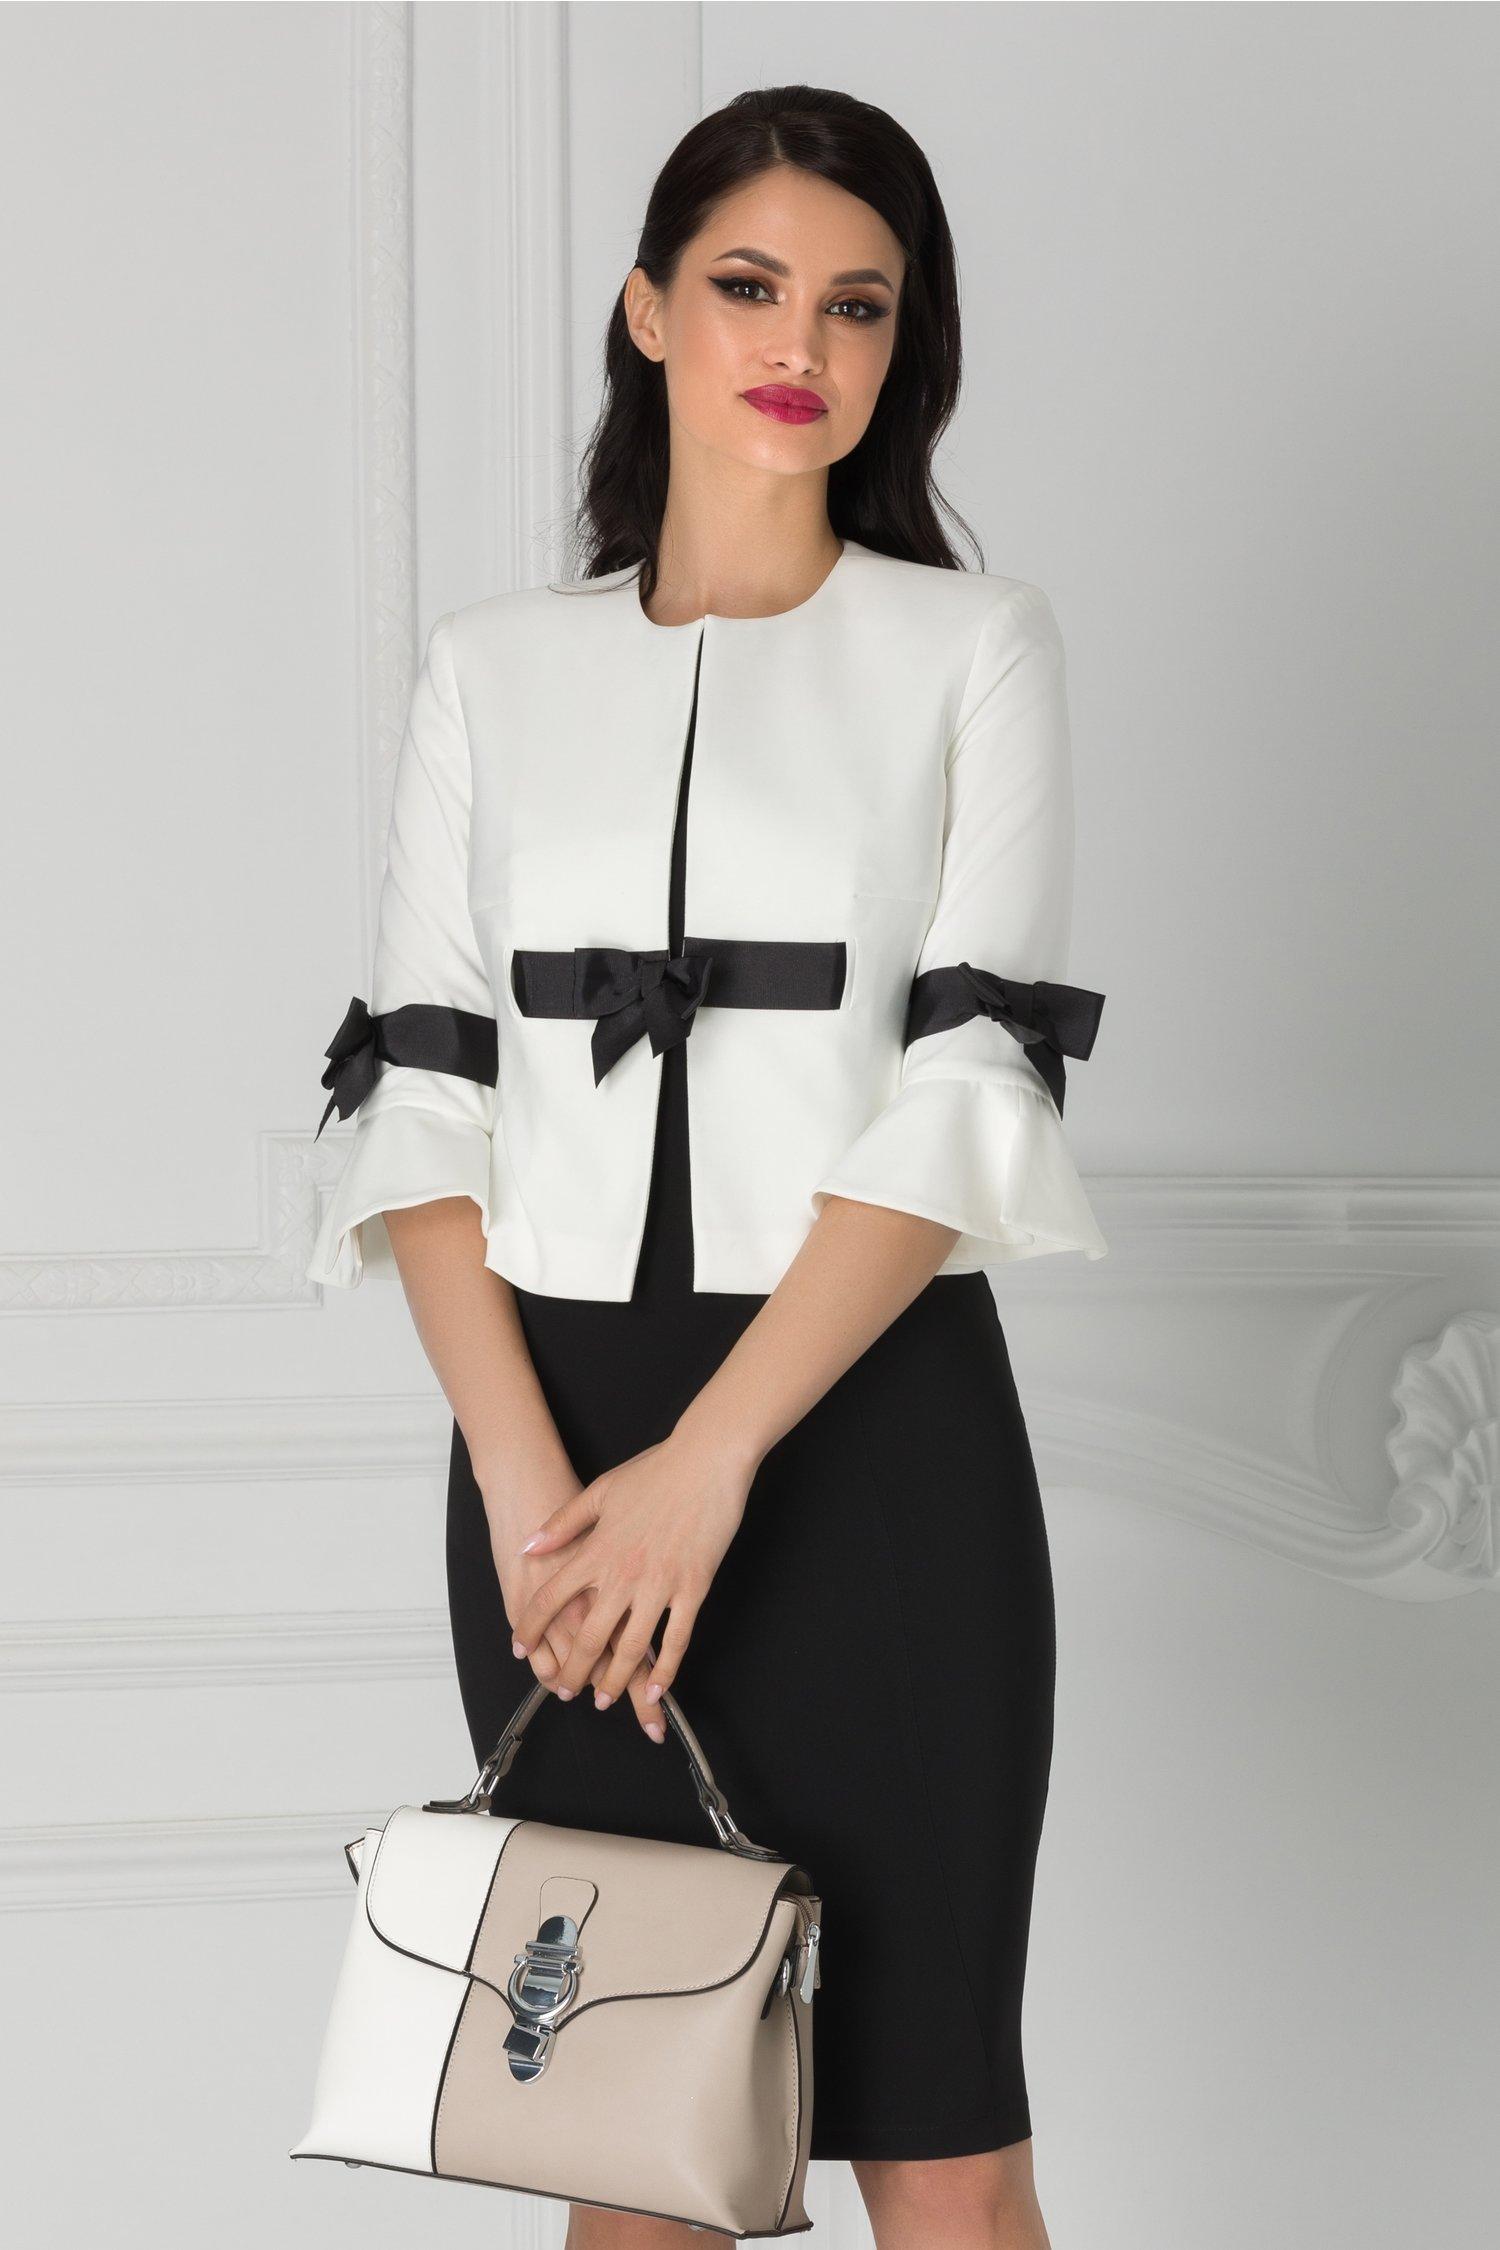 Compleu LaDonna cu sacou alb si rochie neagra